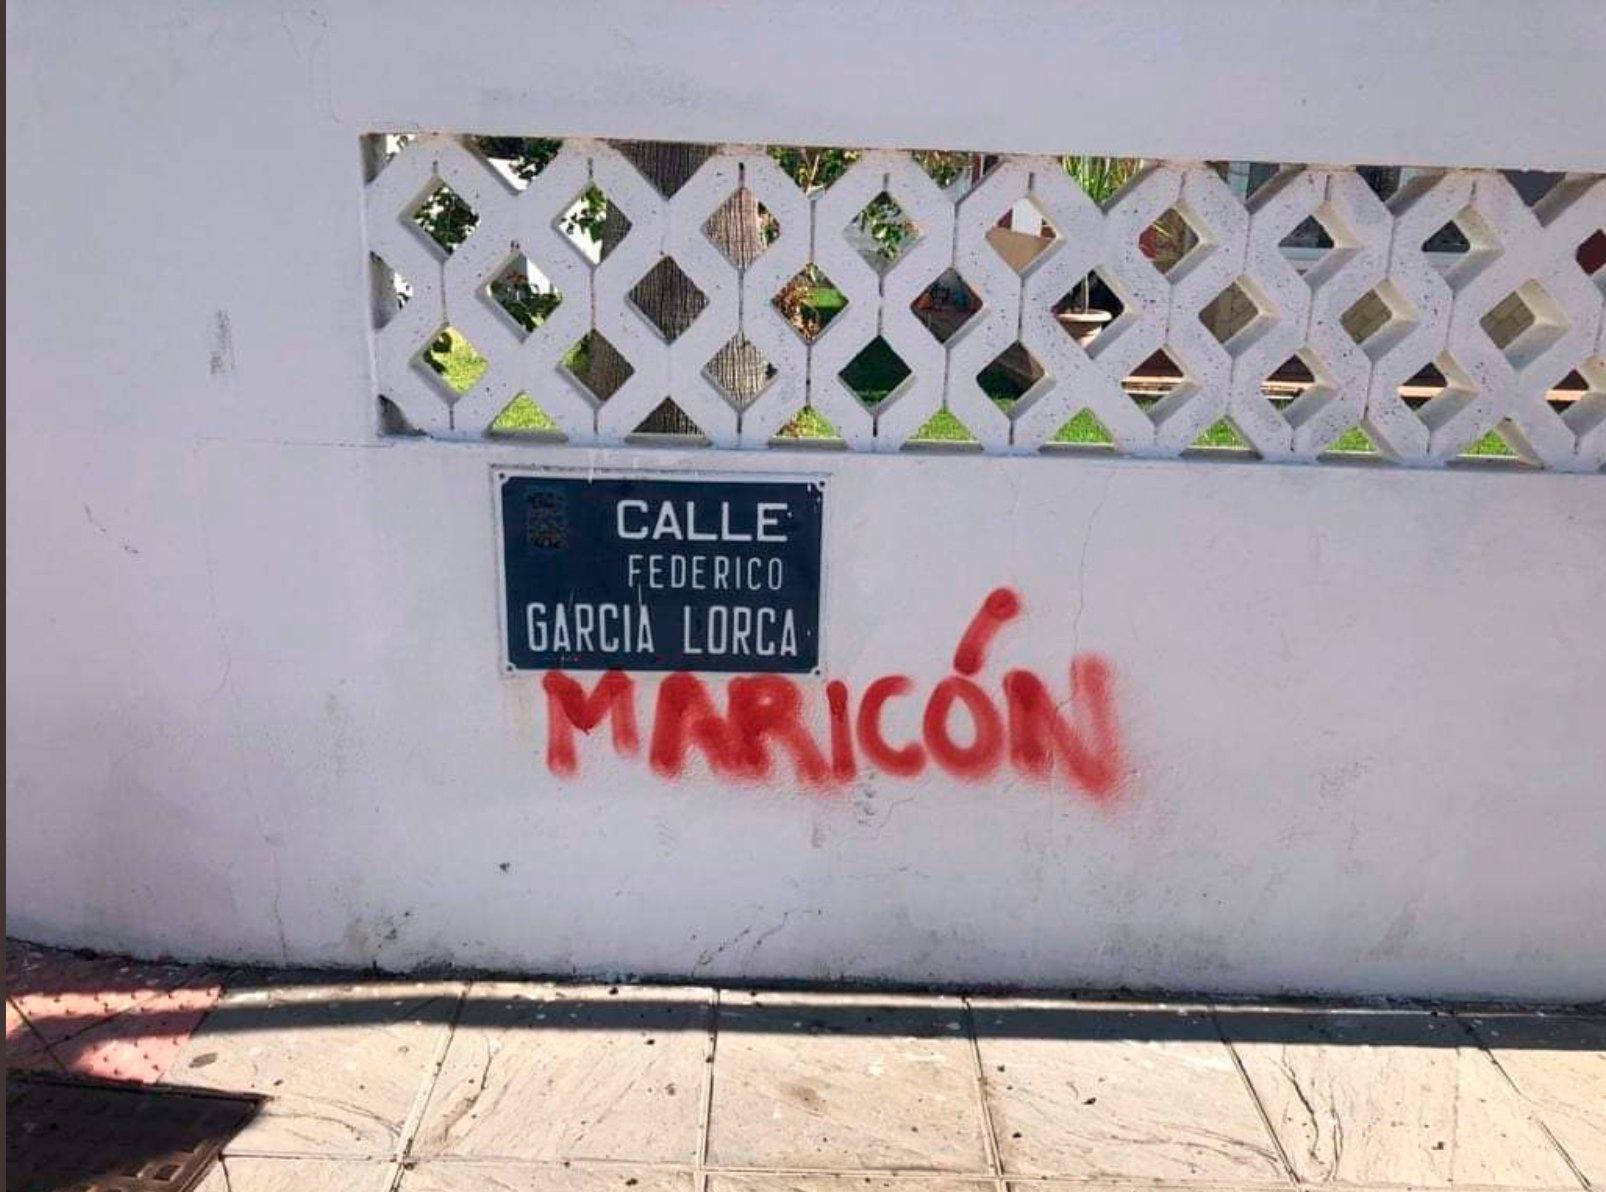 Maricón